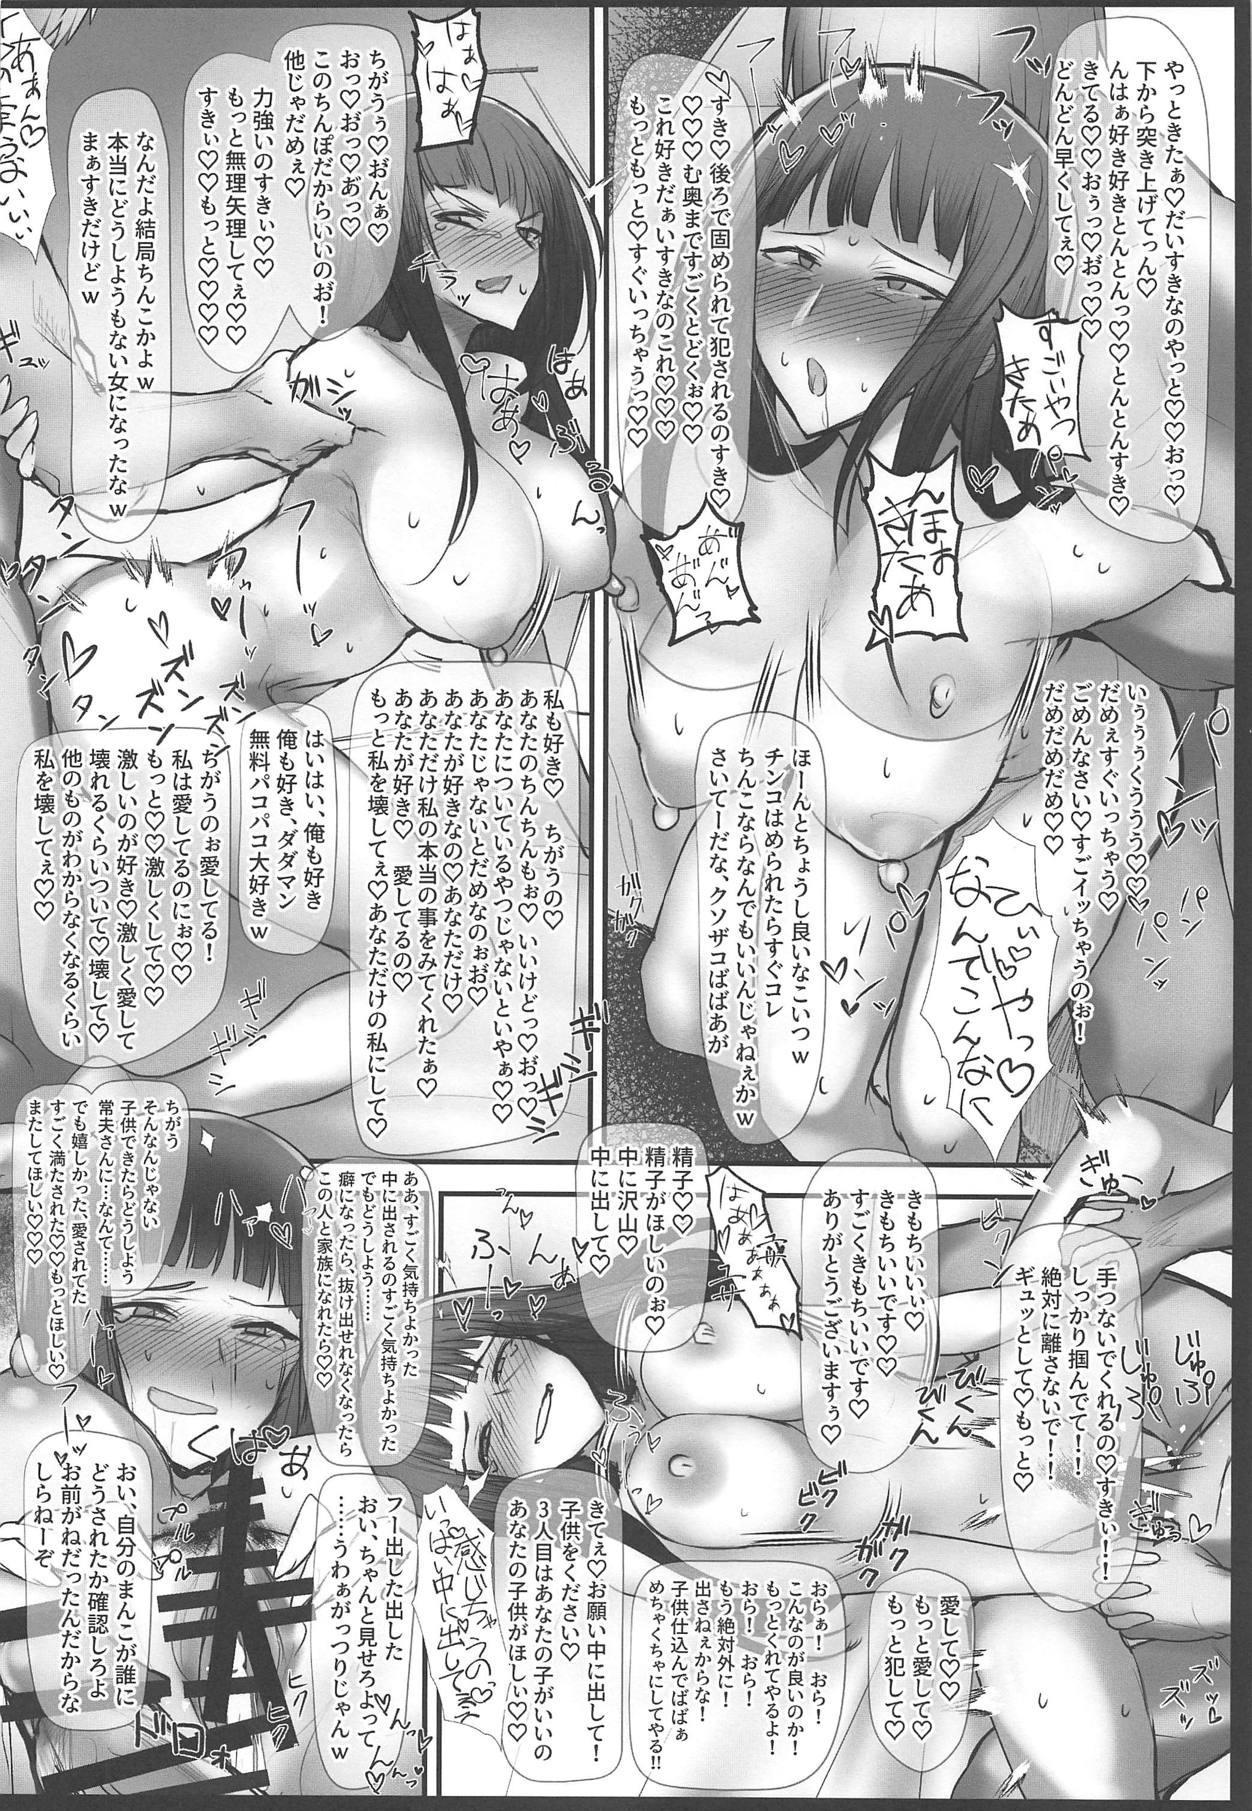 (COMIC1☆15) [Flaming Dragon (Bouto)] Tsuyoi Sensha no Kowashikata NTR Zenpen -Nishizumi-ryuu Iemoto Nishizumi Shiho Shihan no Baai- (Girls und Panzer) 26